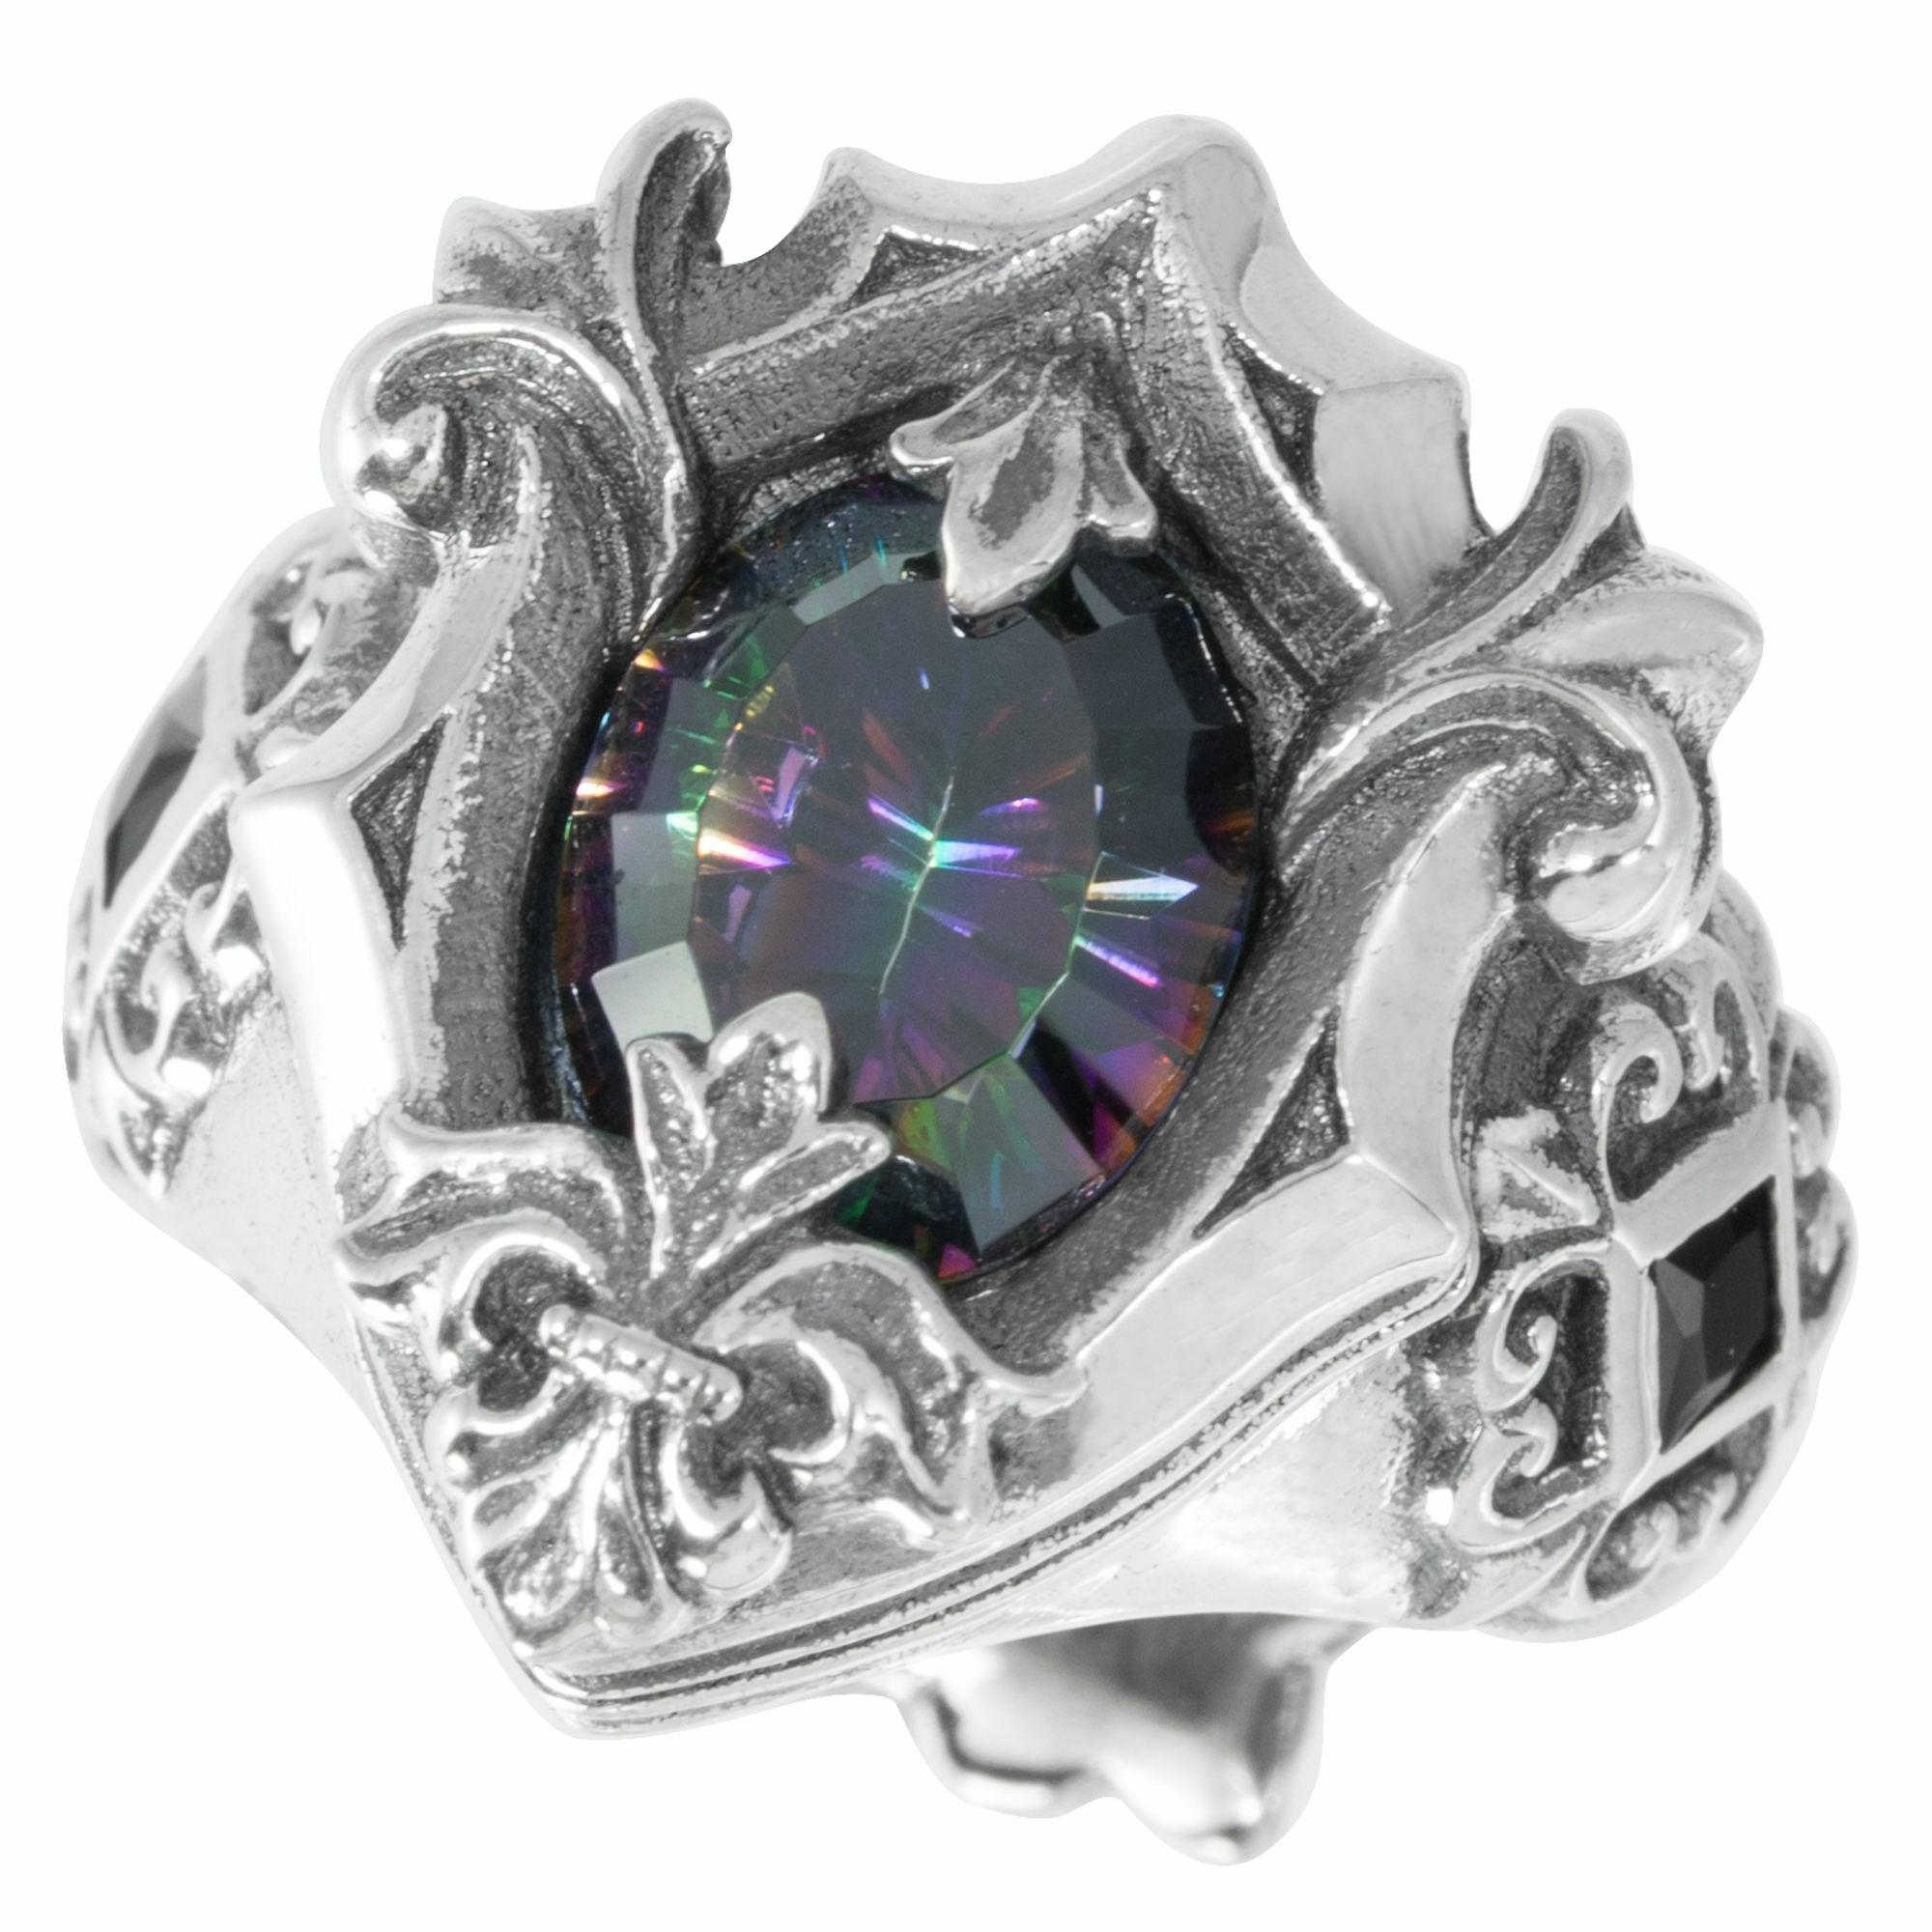 ミスティックシールドリングRD ACR0245 Mystic Shield Ring RD 【「貴族誕生 -PRINCE OF LEGEND-」衣装協力商品】